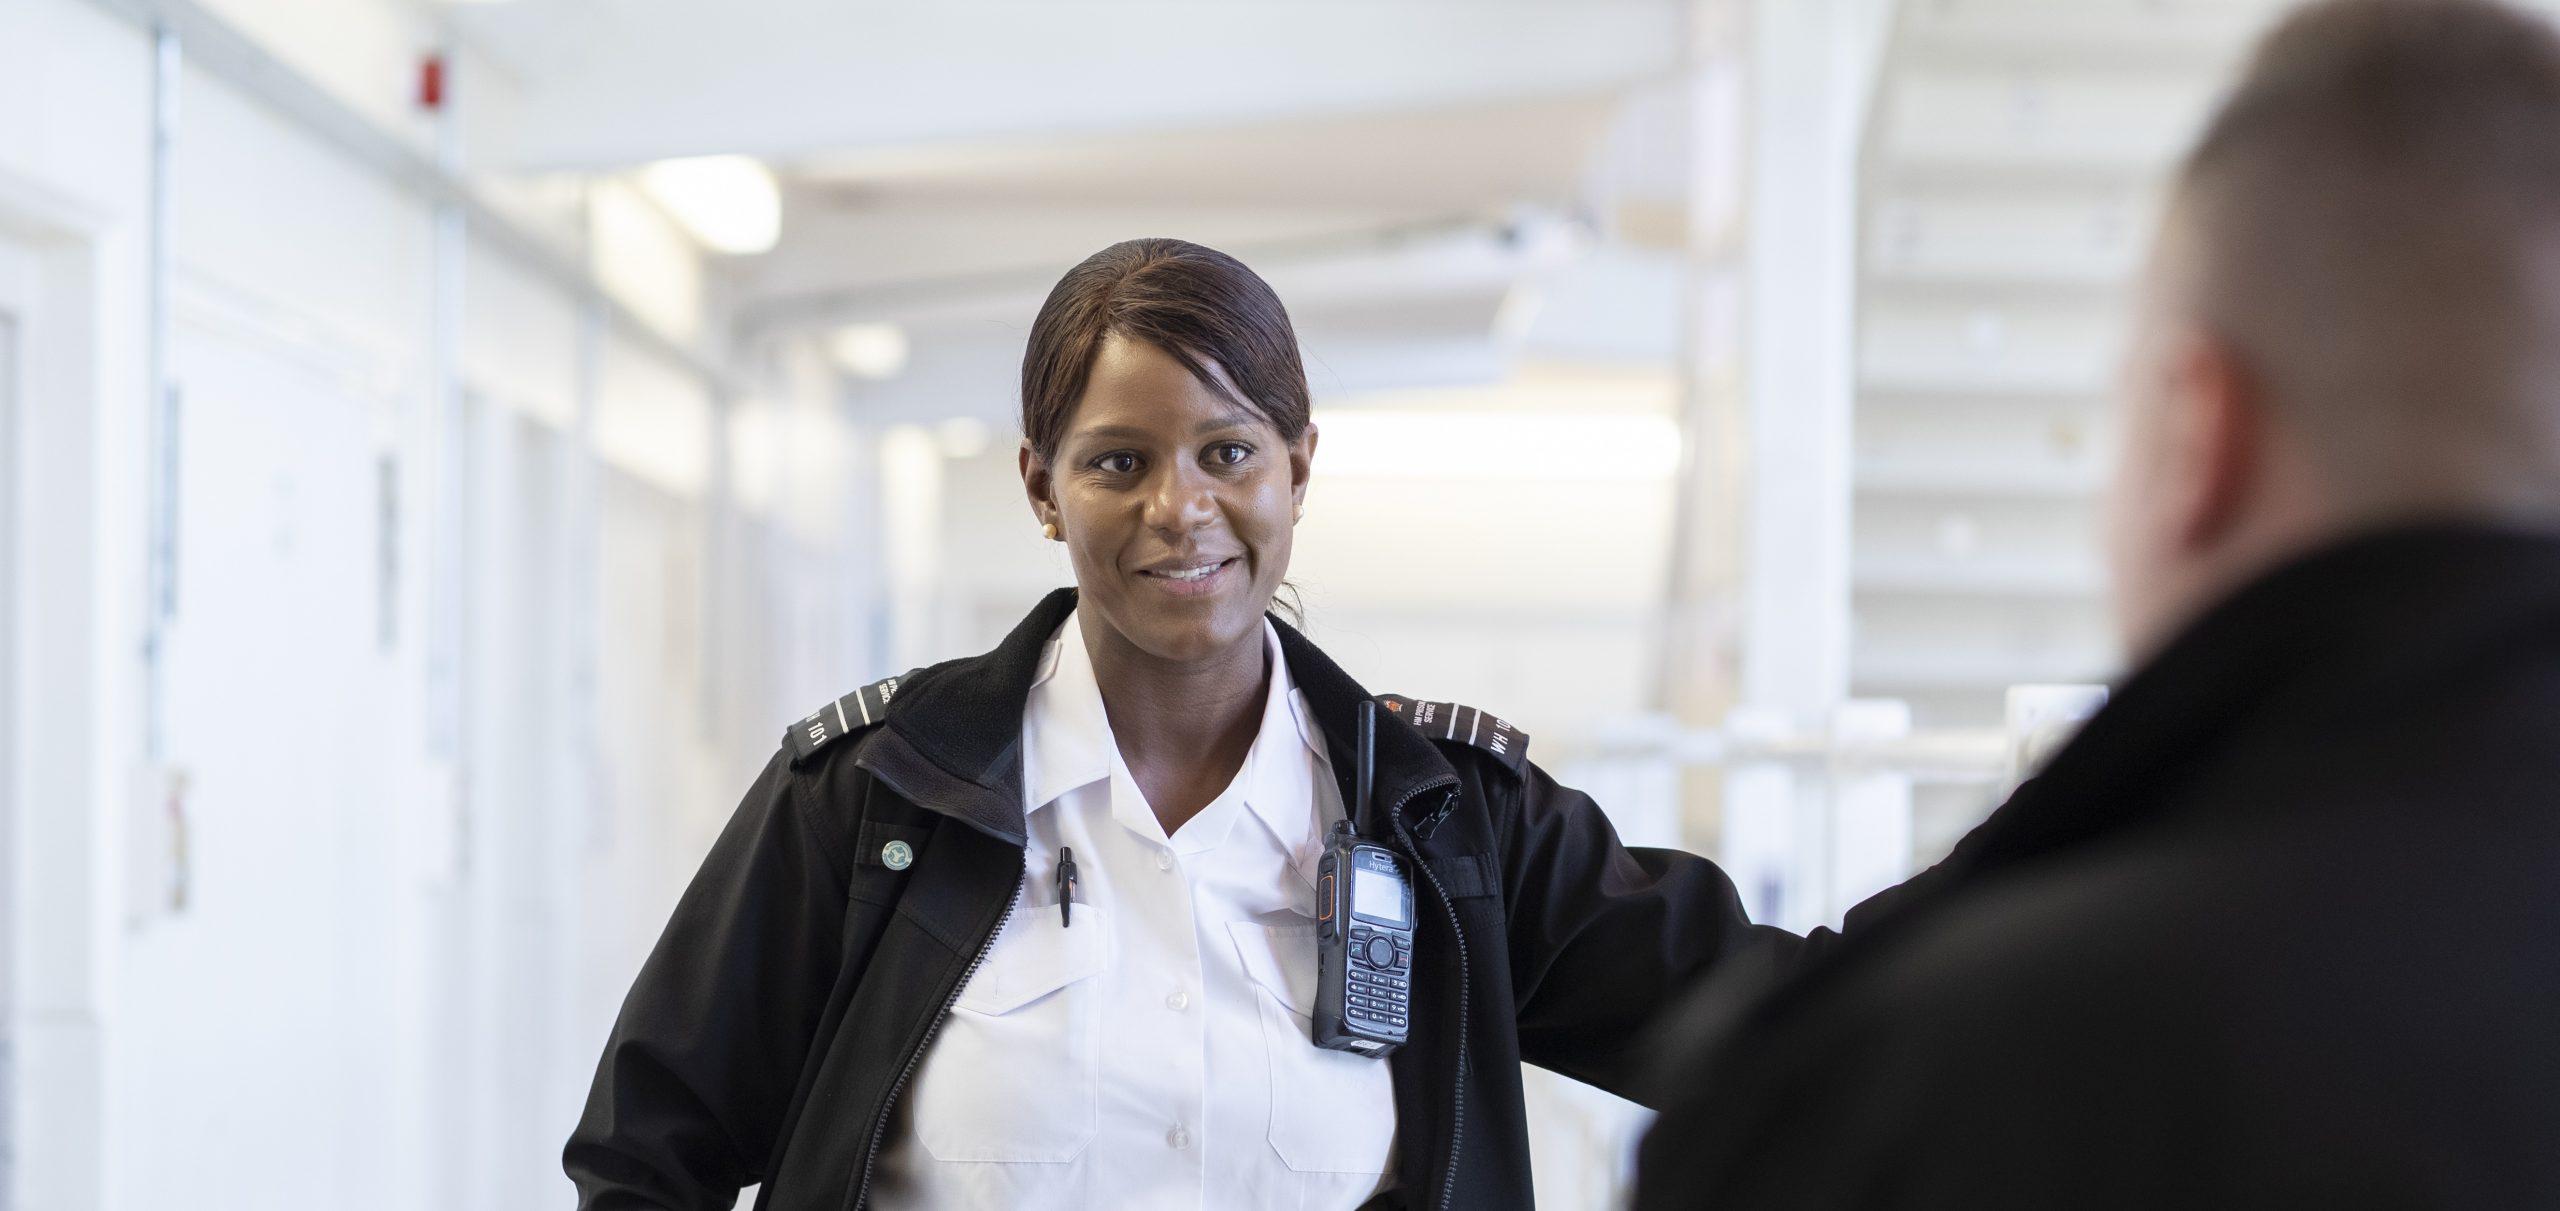 Smiling female prison officer